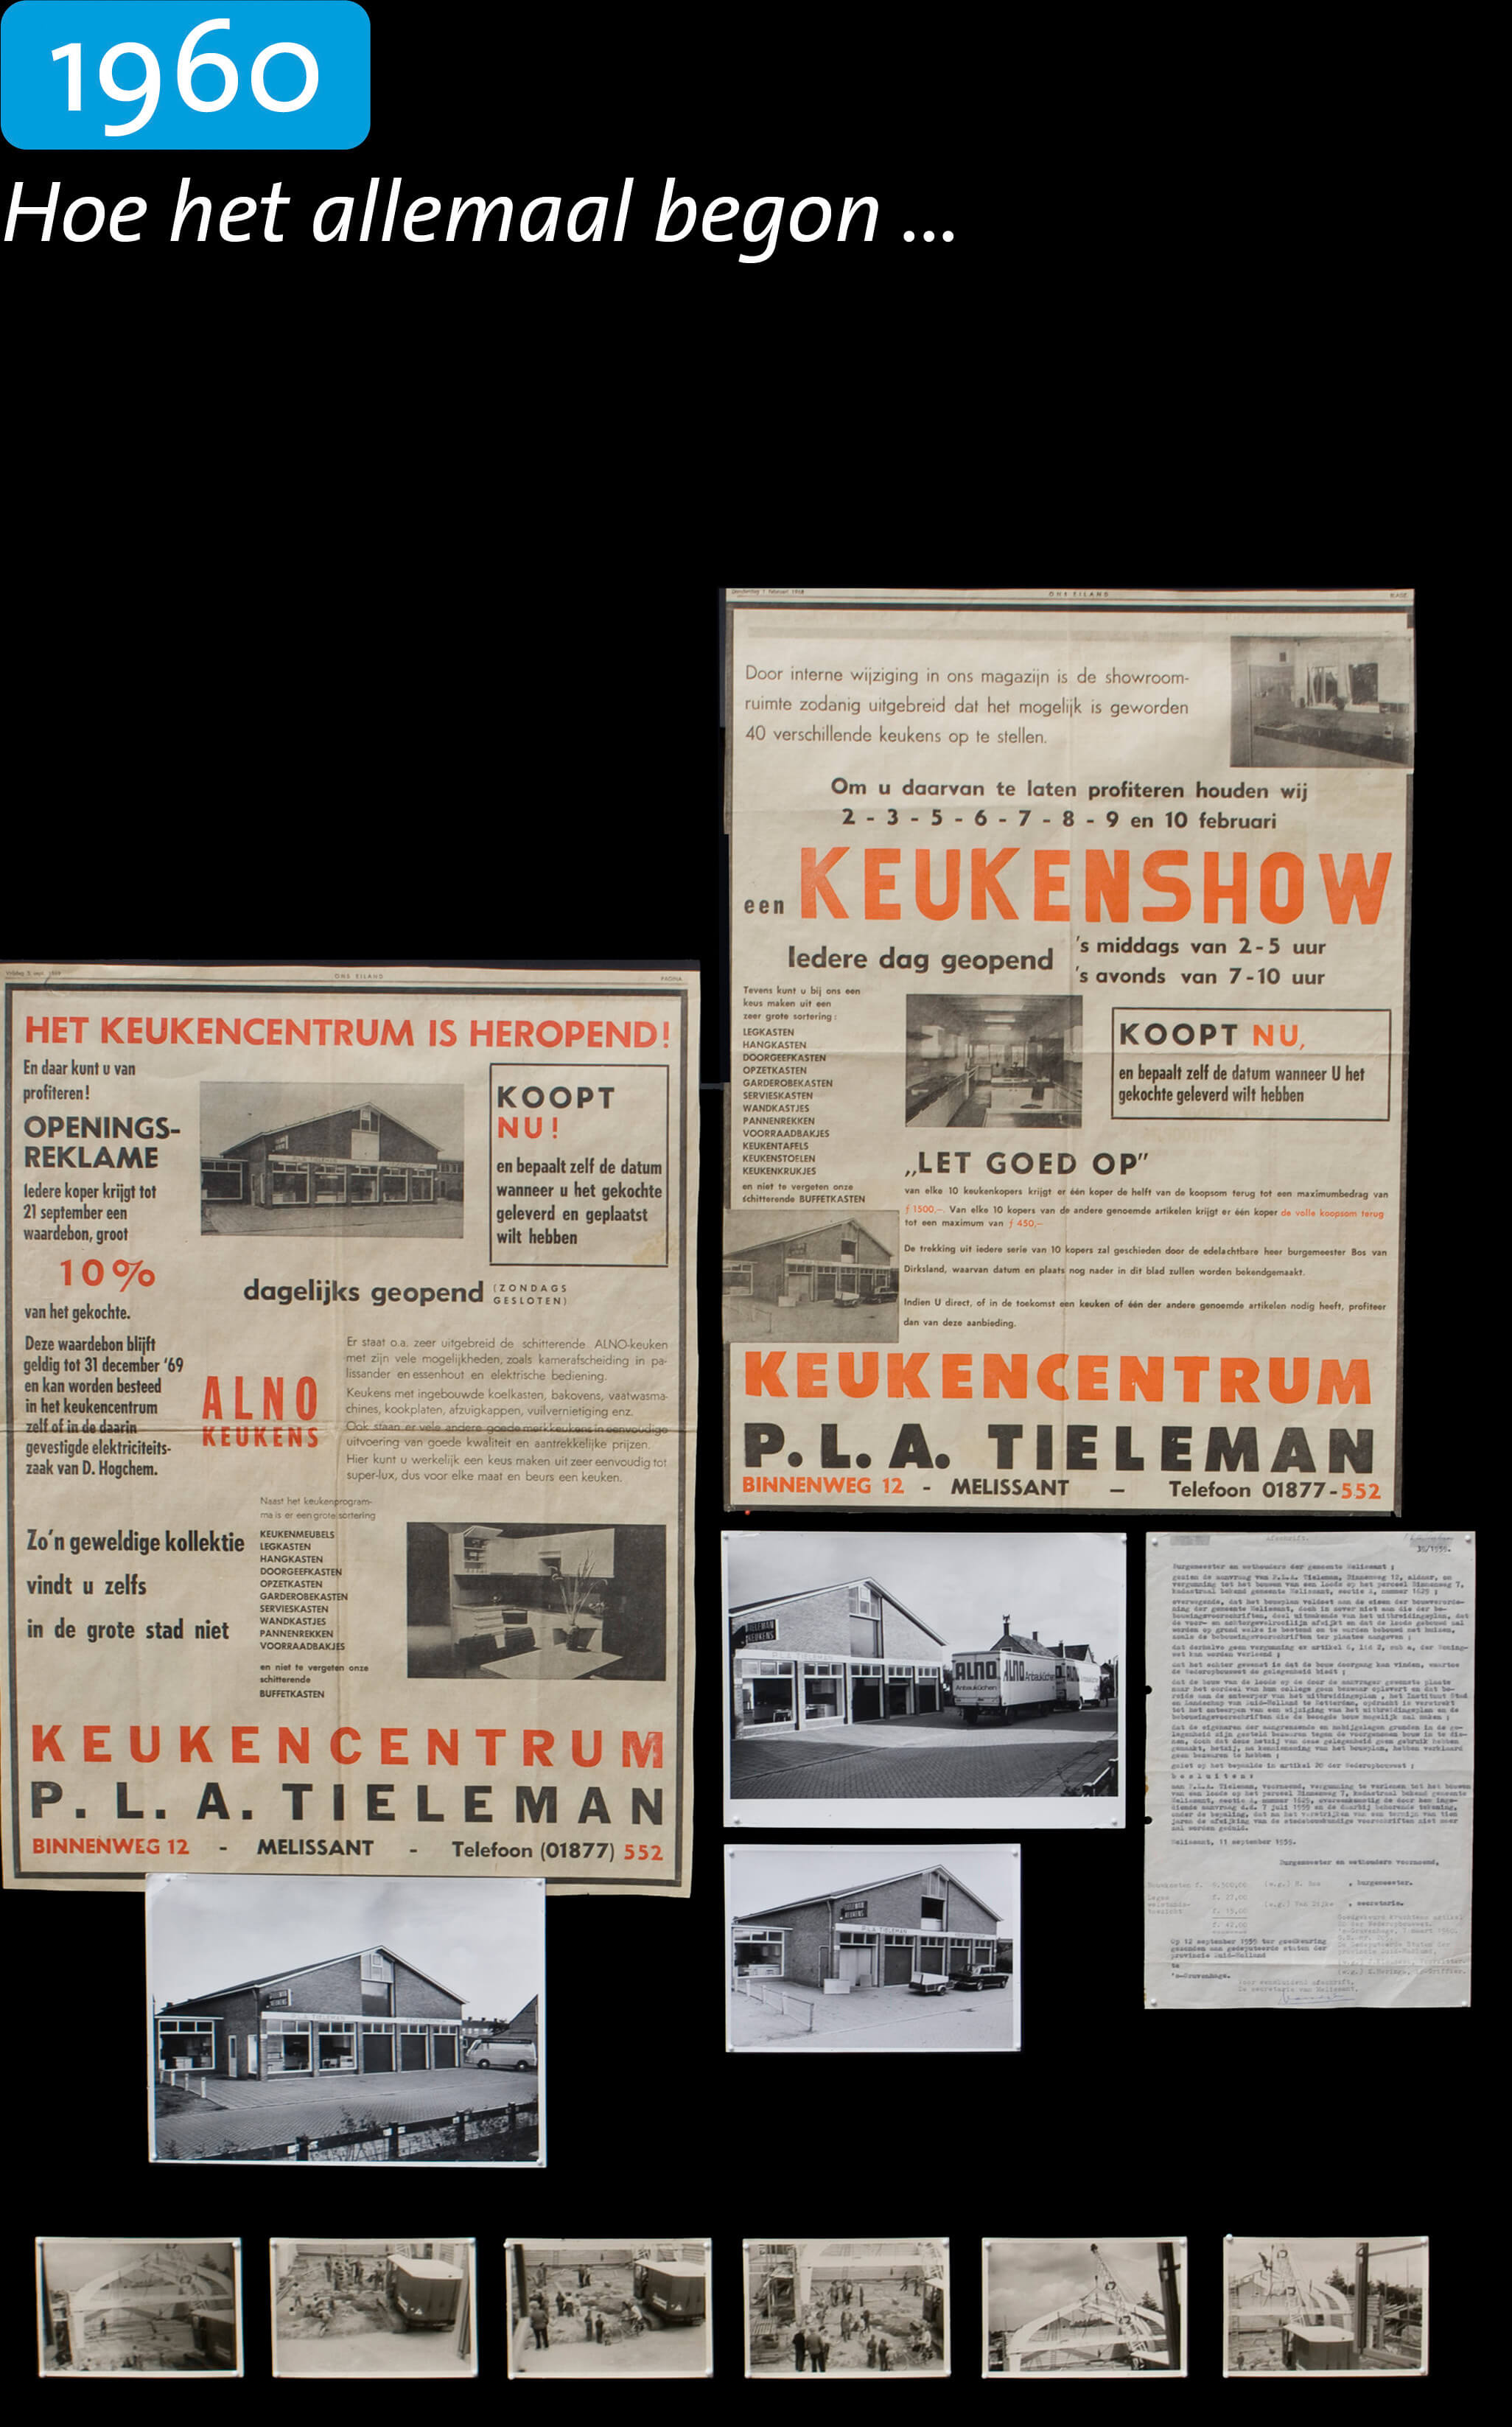 Geschiedenis Tieleman Keukens 1960